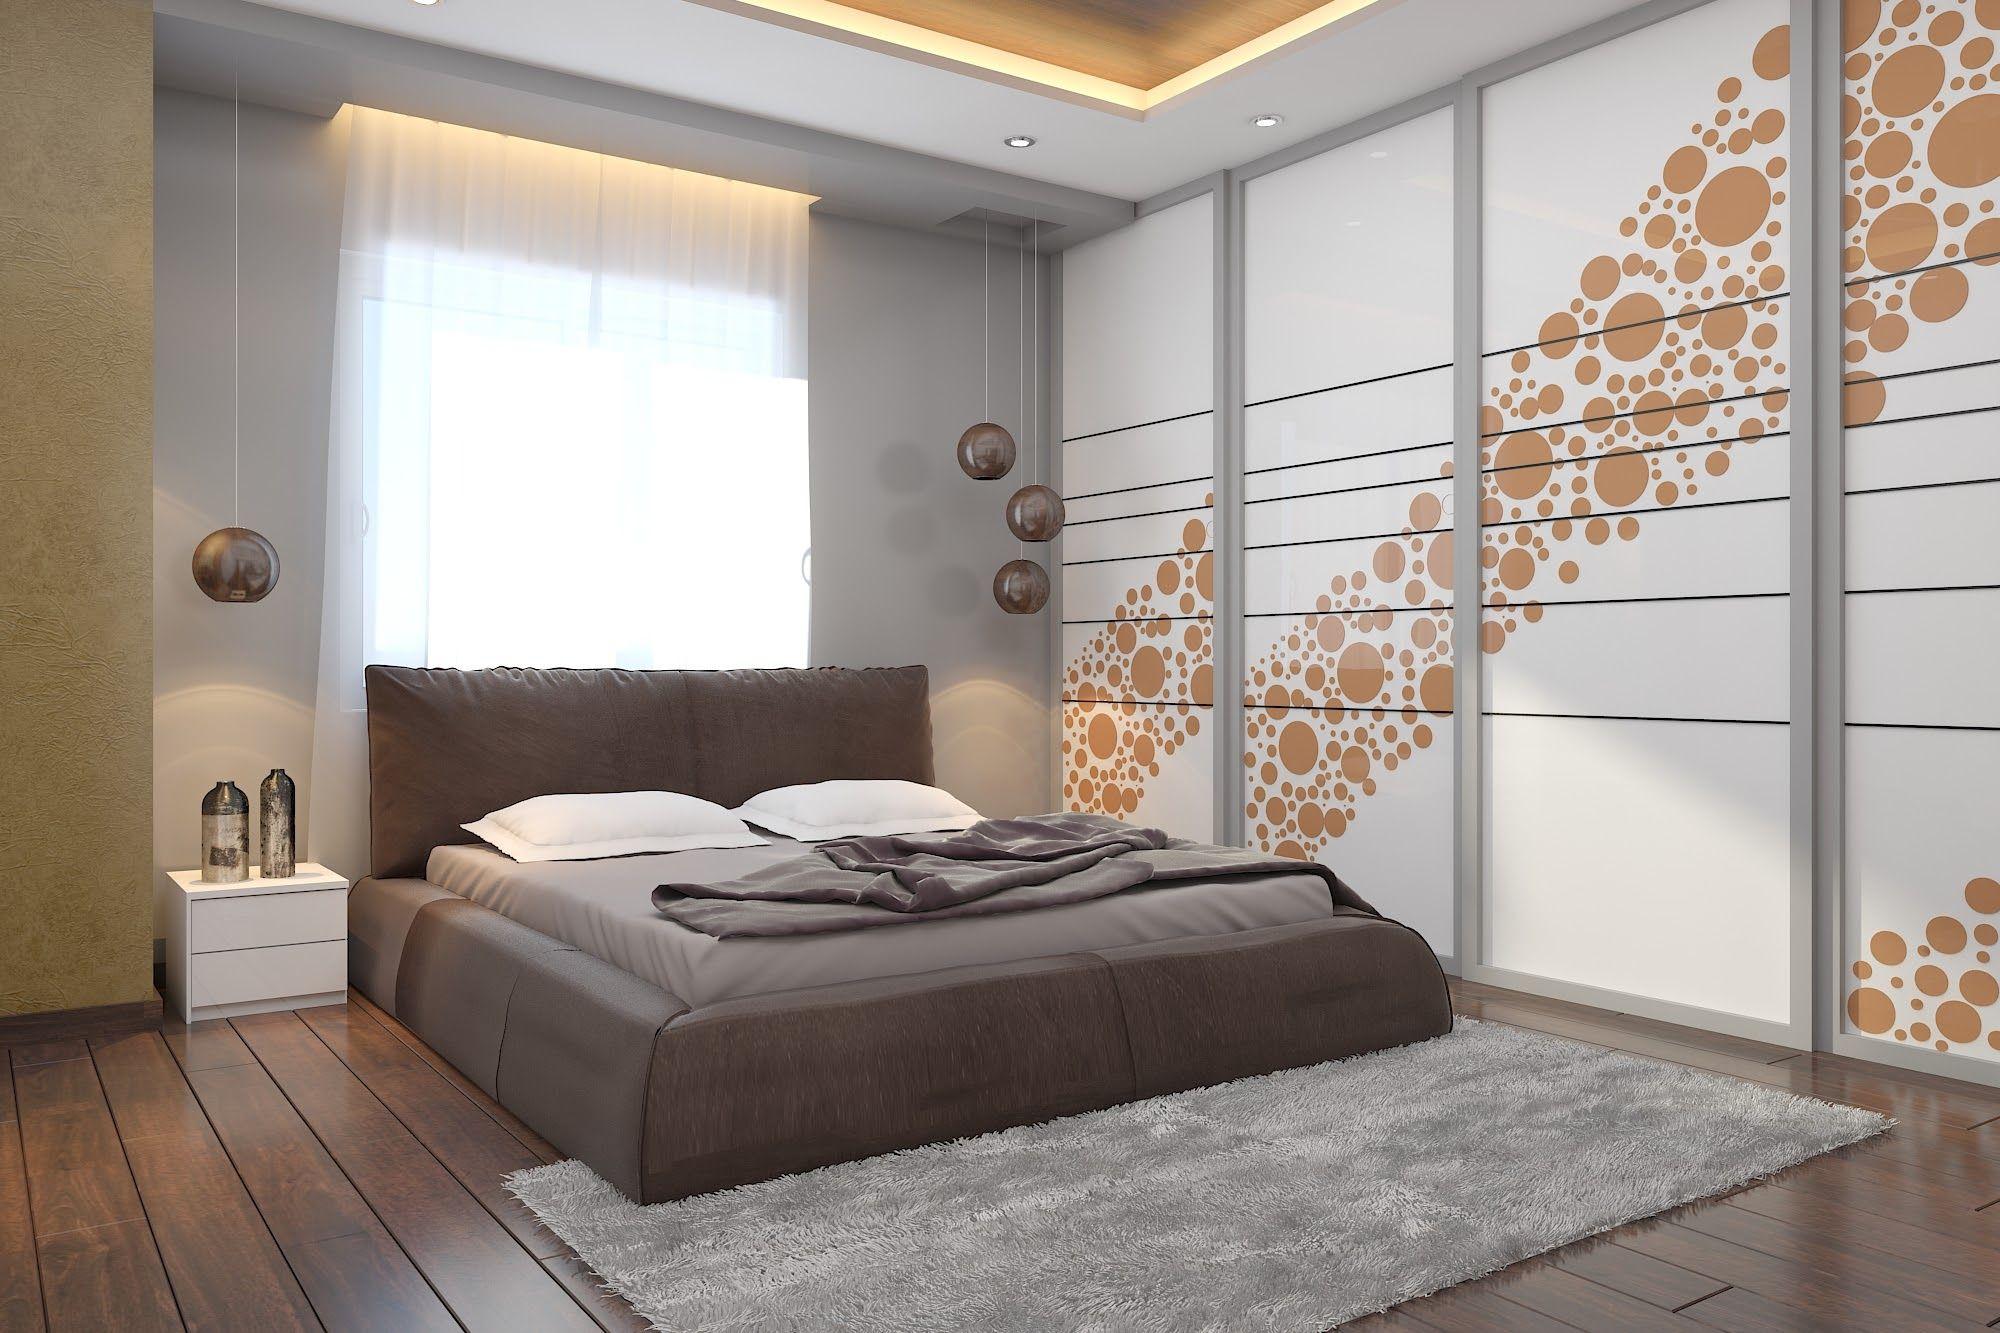 Bedroom design Interior designers in hyderabad, Bedroom